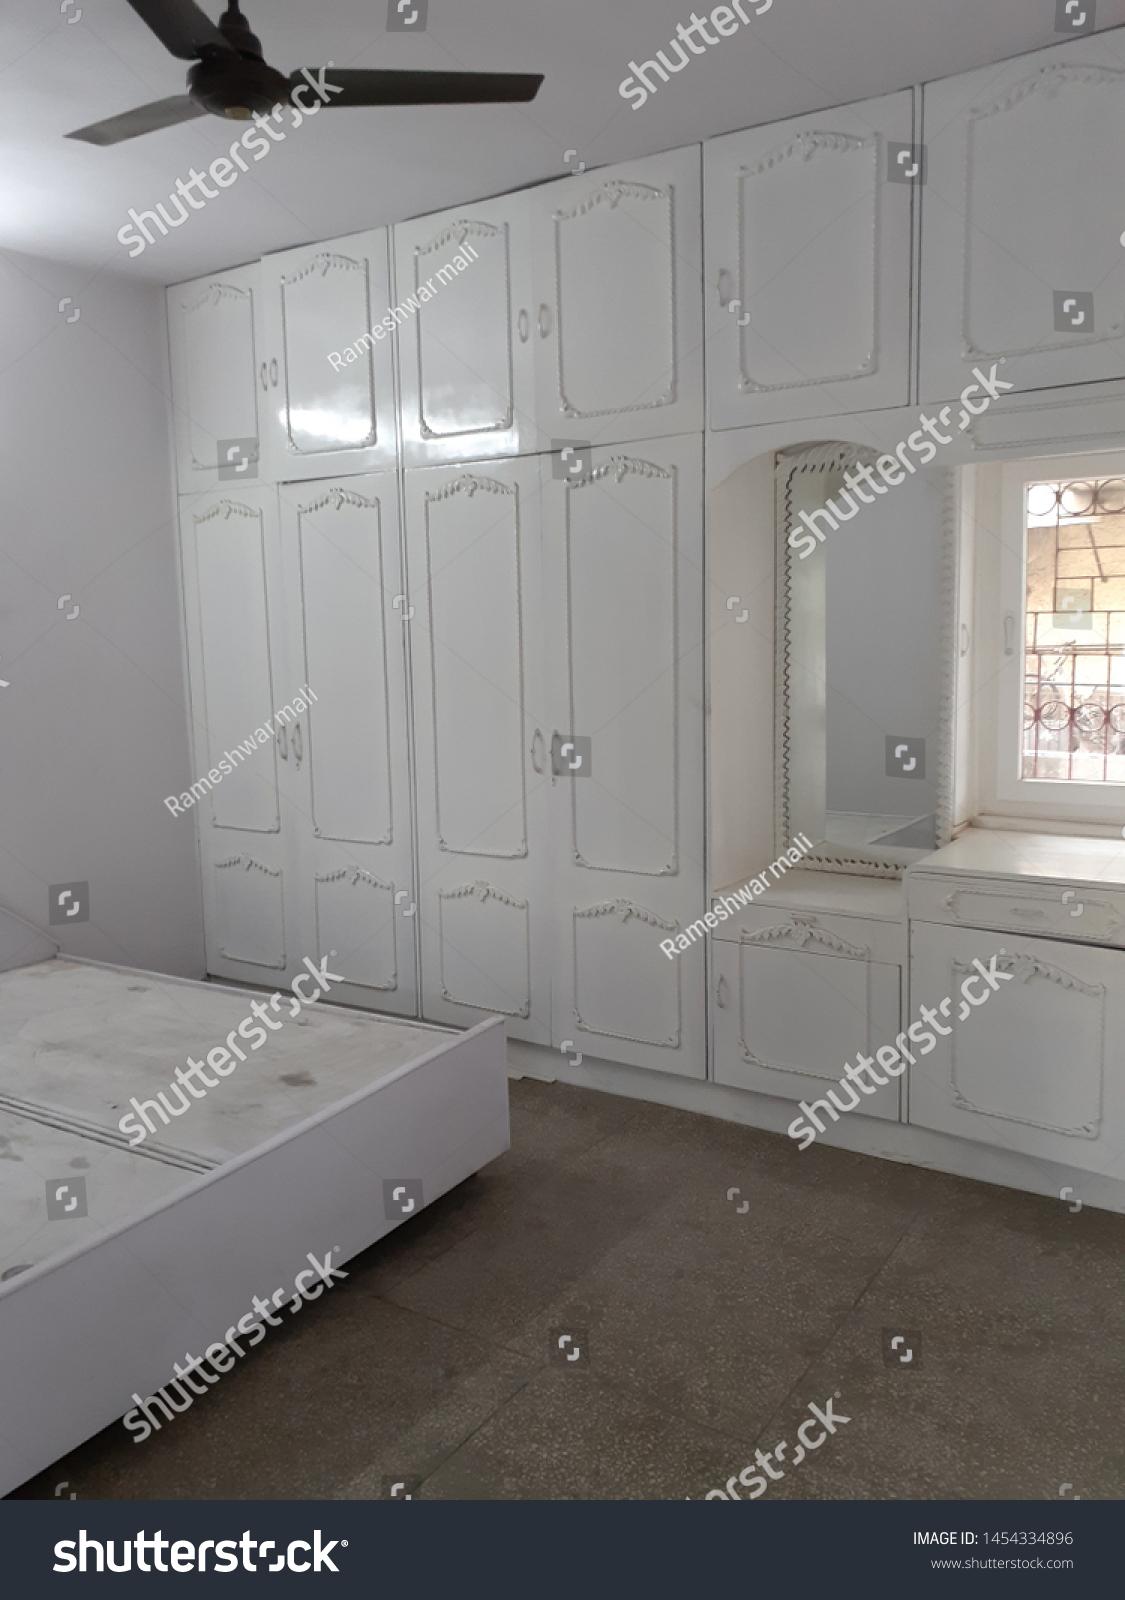 Wooden Almirah Indian Bedroom Stock Photo Edit Now 1454334896